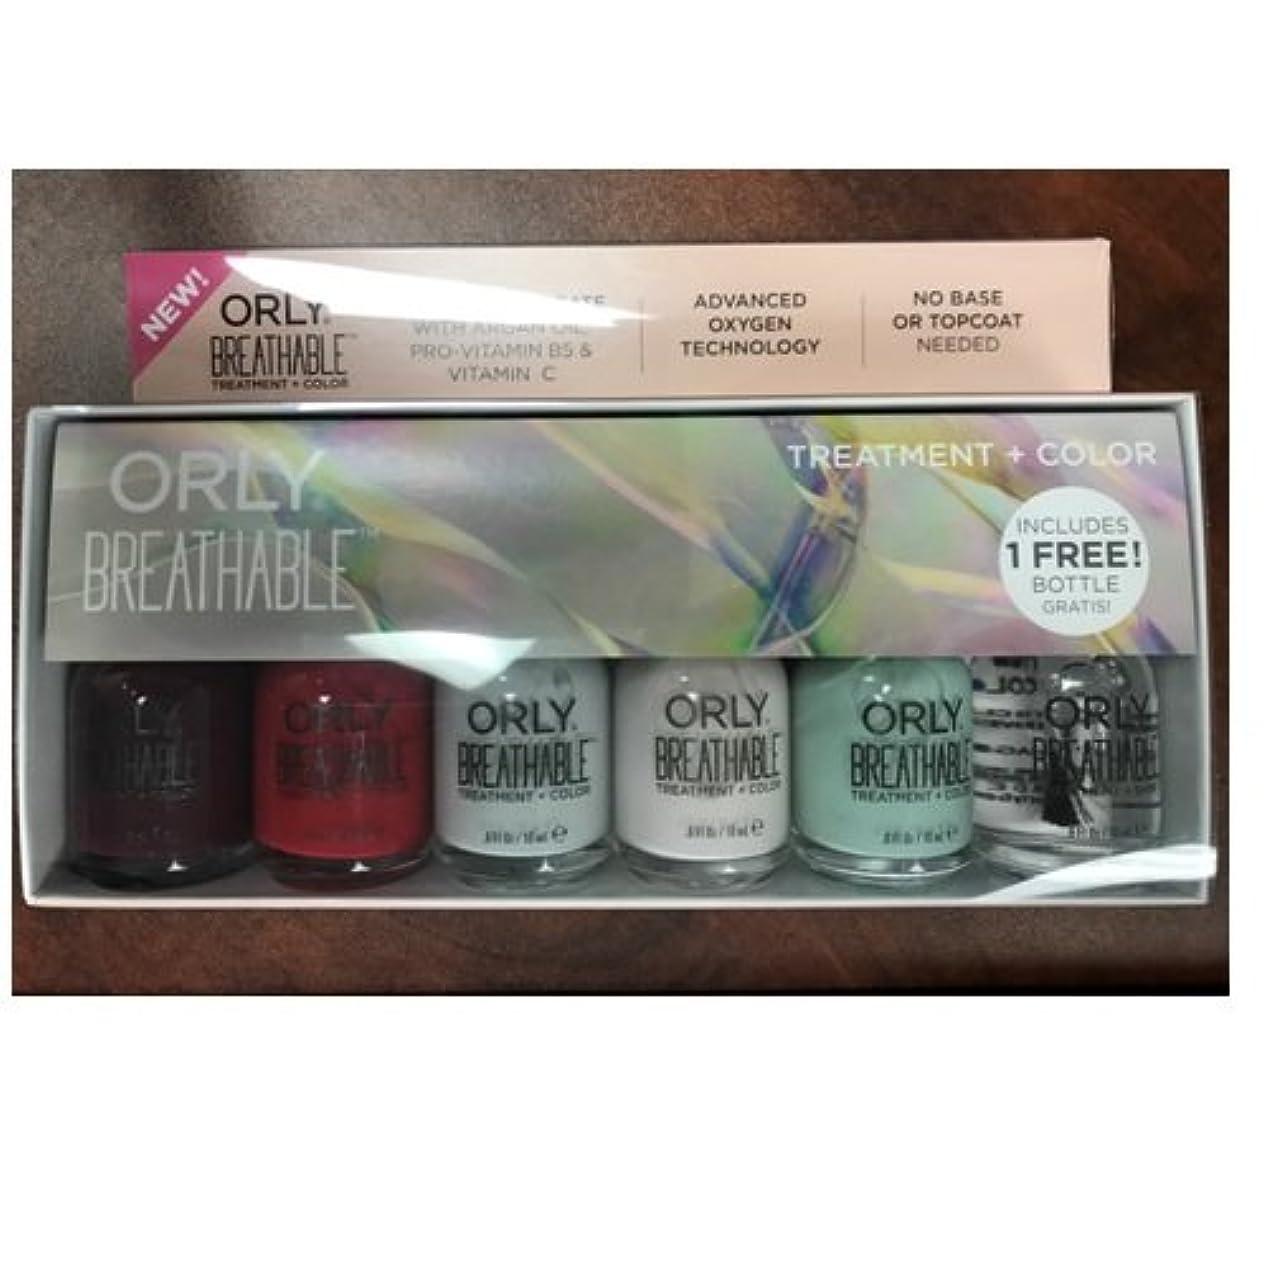 待って書誌姉妹Orly Breathable Nail Lacquer - Treatment + Color - 6 Piece Kit - 18ml / 0.6oz Each